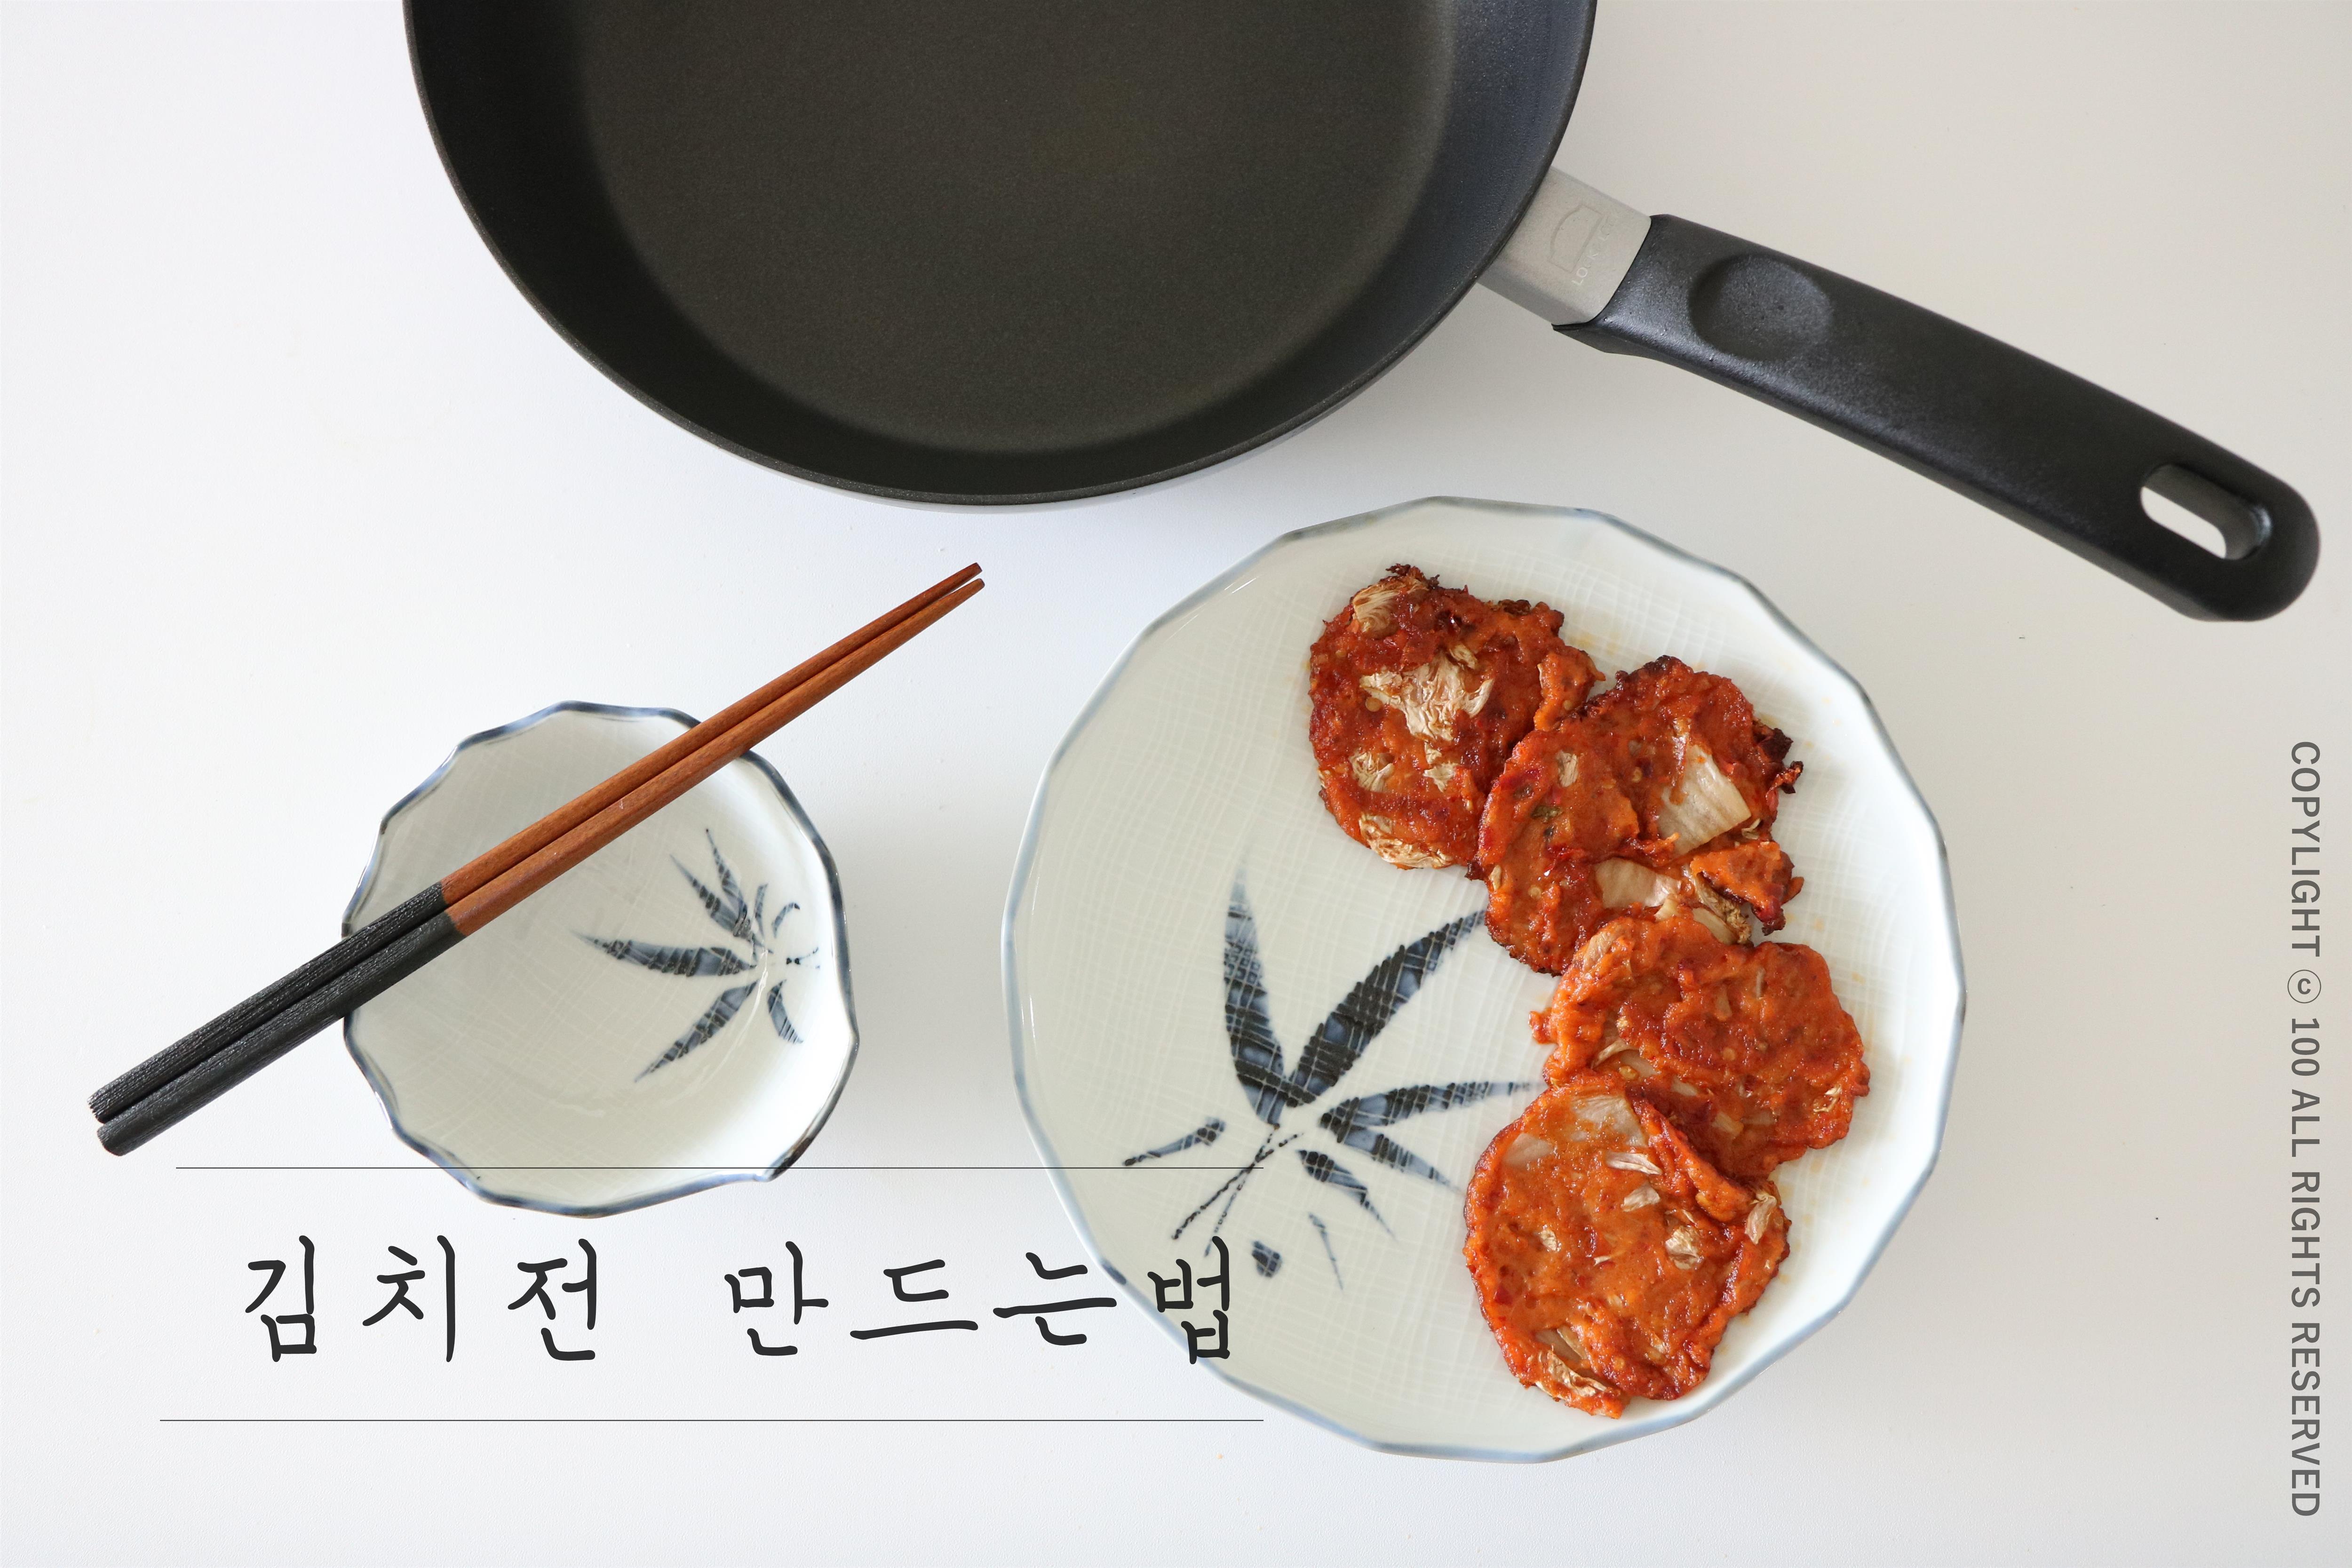 백종원 김치전 만드는법, 하드앤라이트 프라이팬으로 뚝딱!